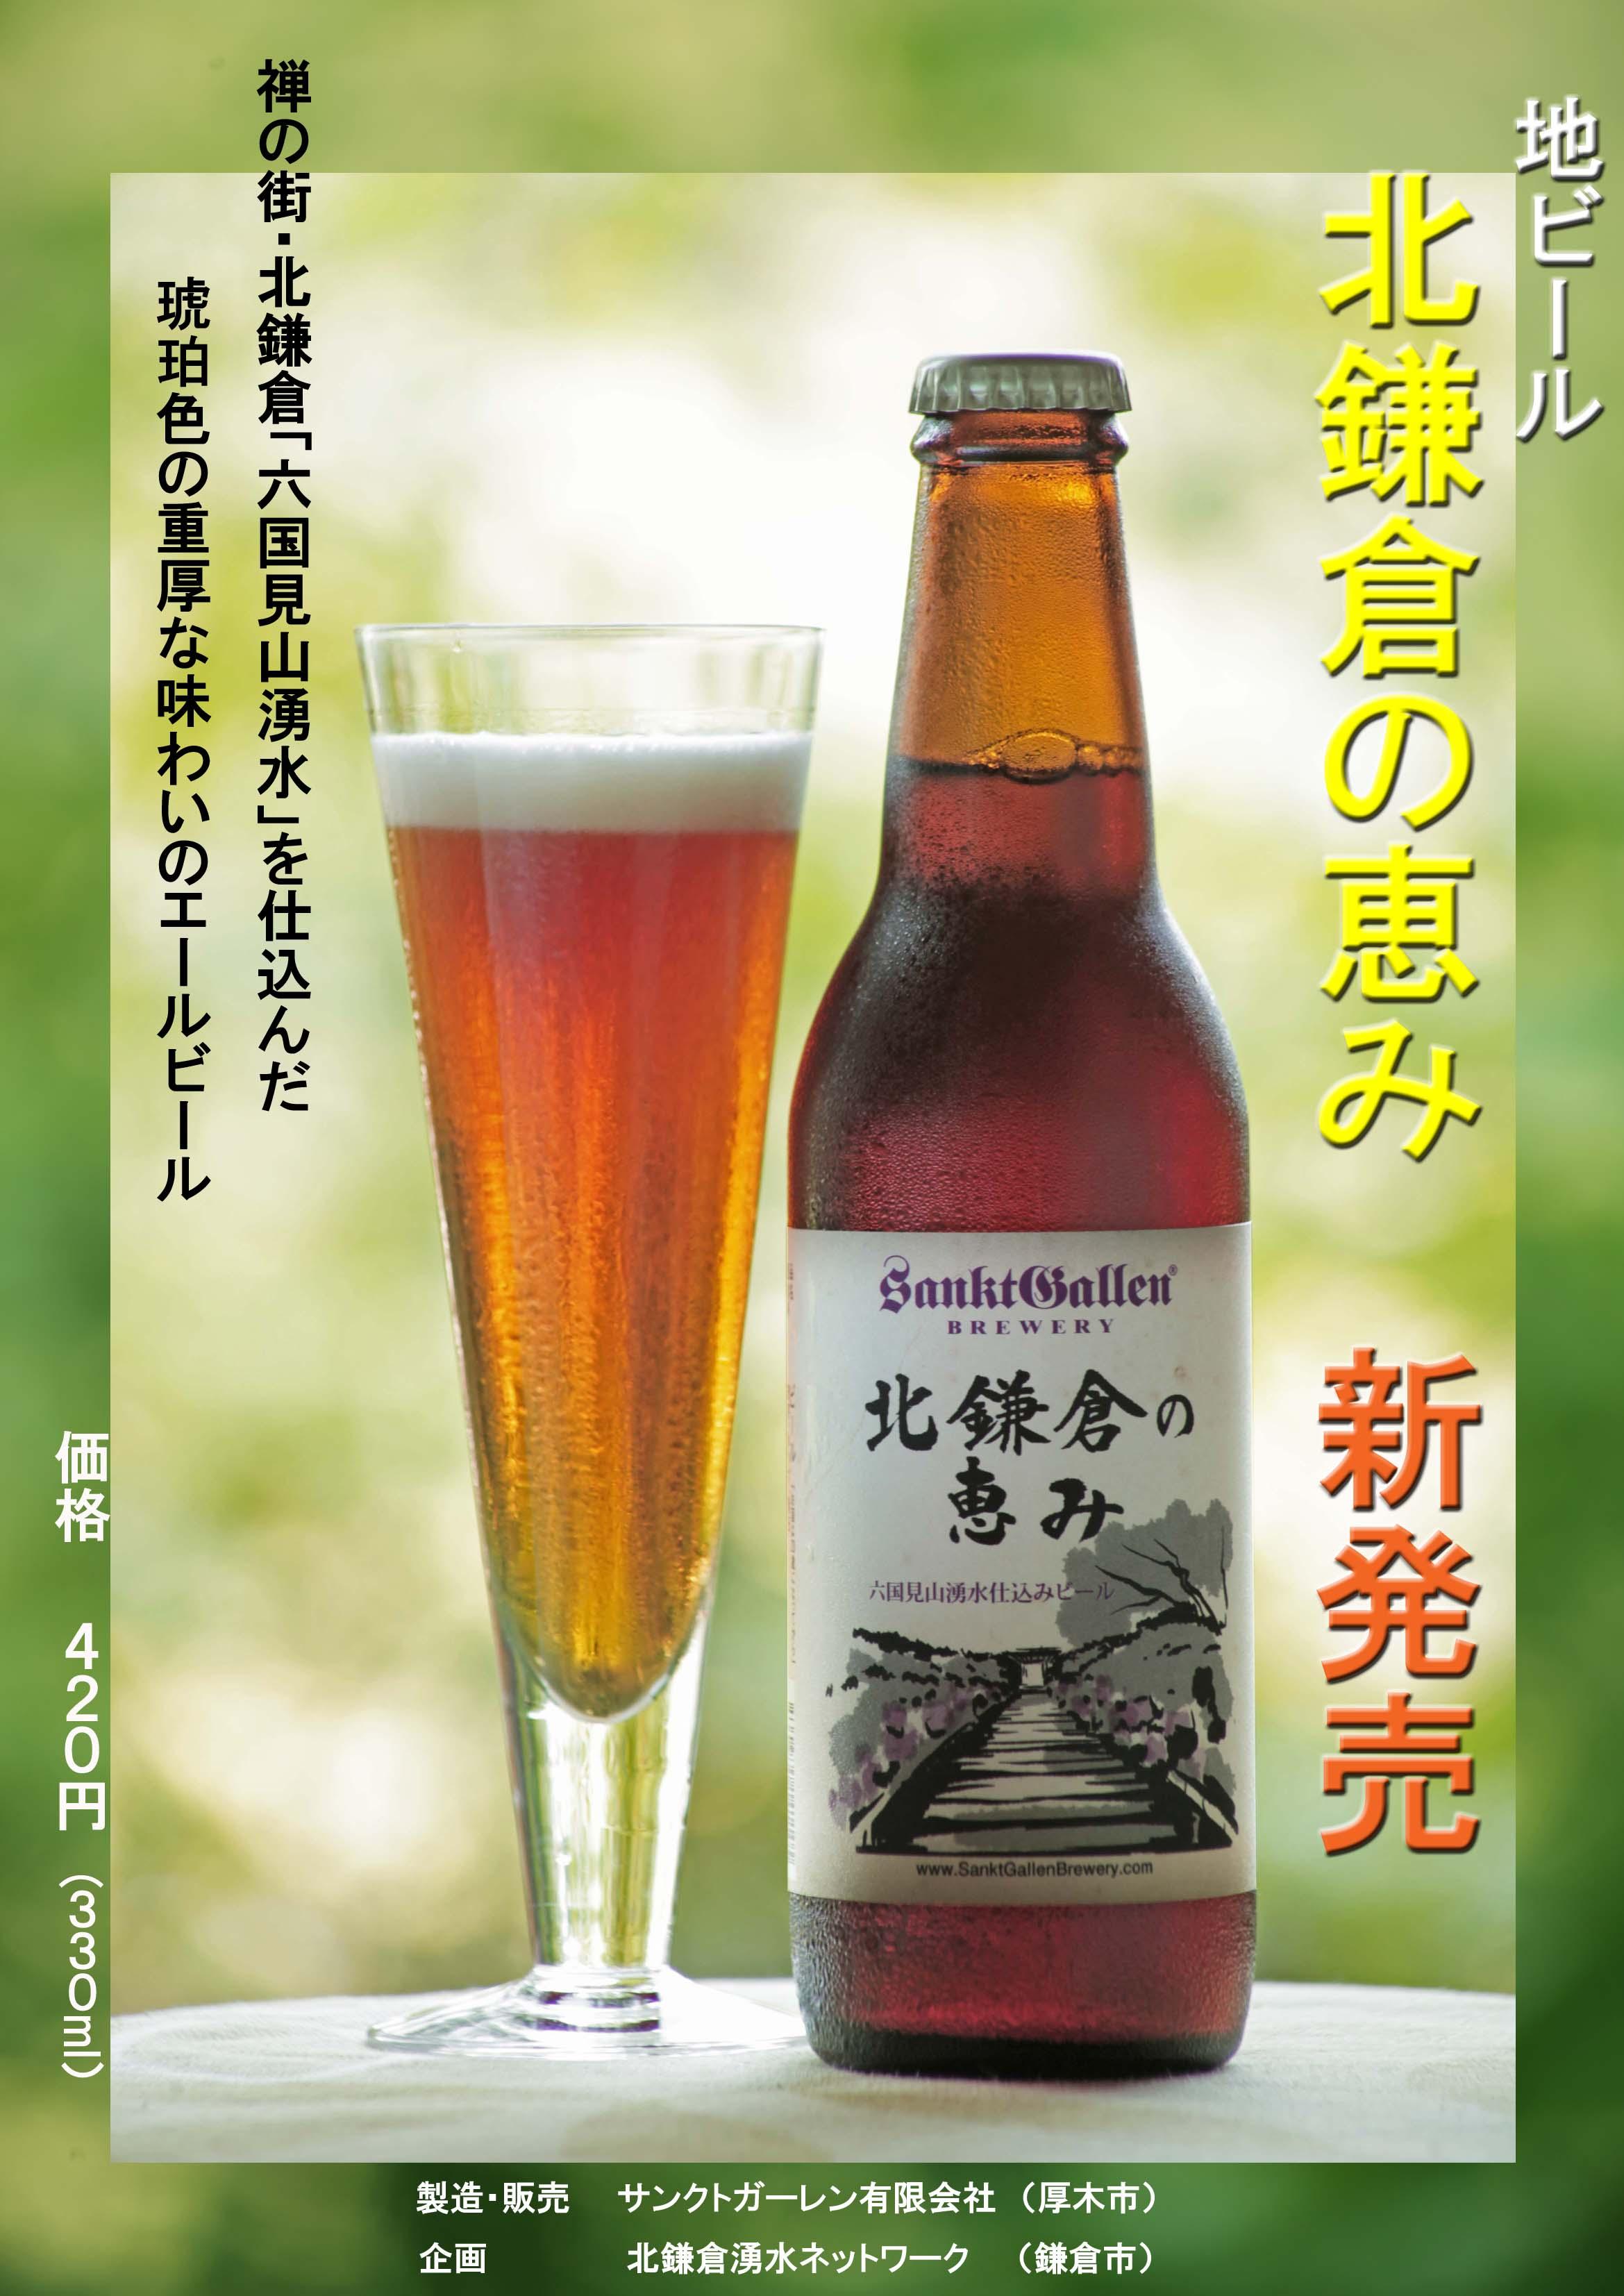 タウンニュースが「北鎌倉の恵み」復活を大々的に掲載9・13_c0014967_732592.jpg